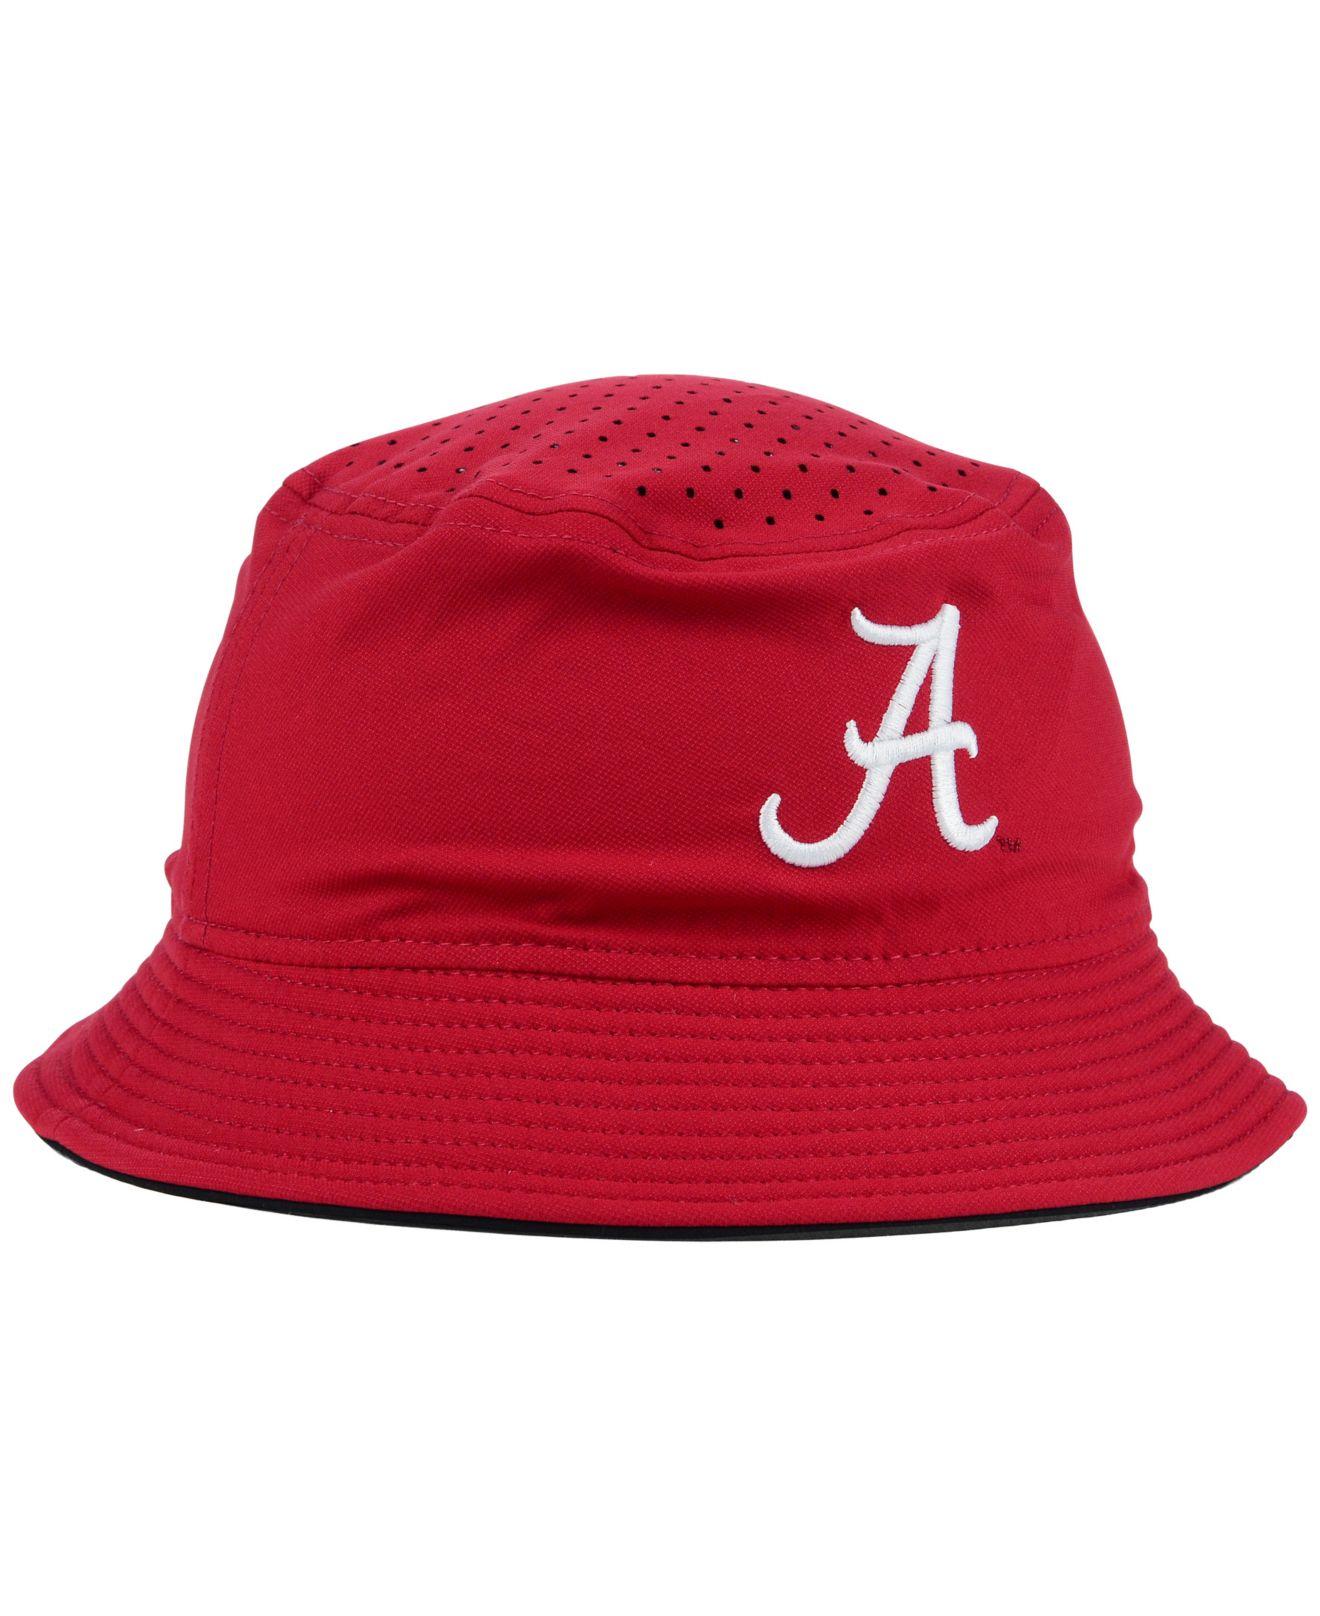 feece6dd336 ... closeout lyst nike alabama crimson tide vapor bucket hat in purple for  men fadcd 51a8a